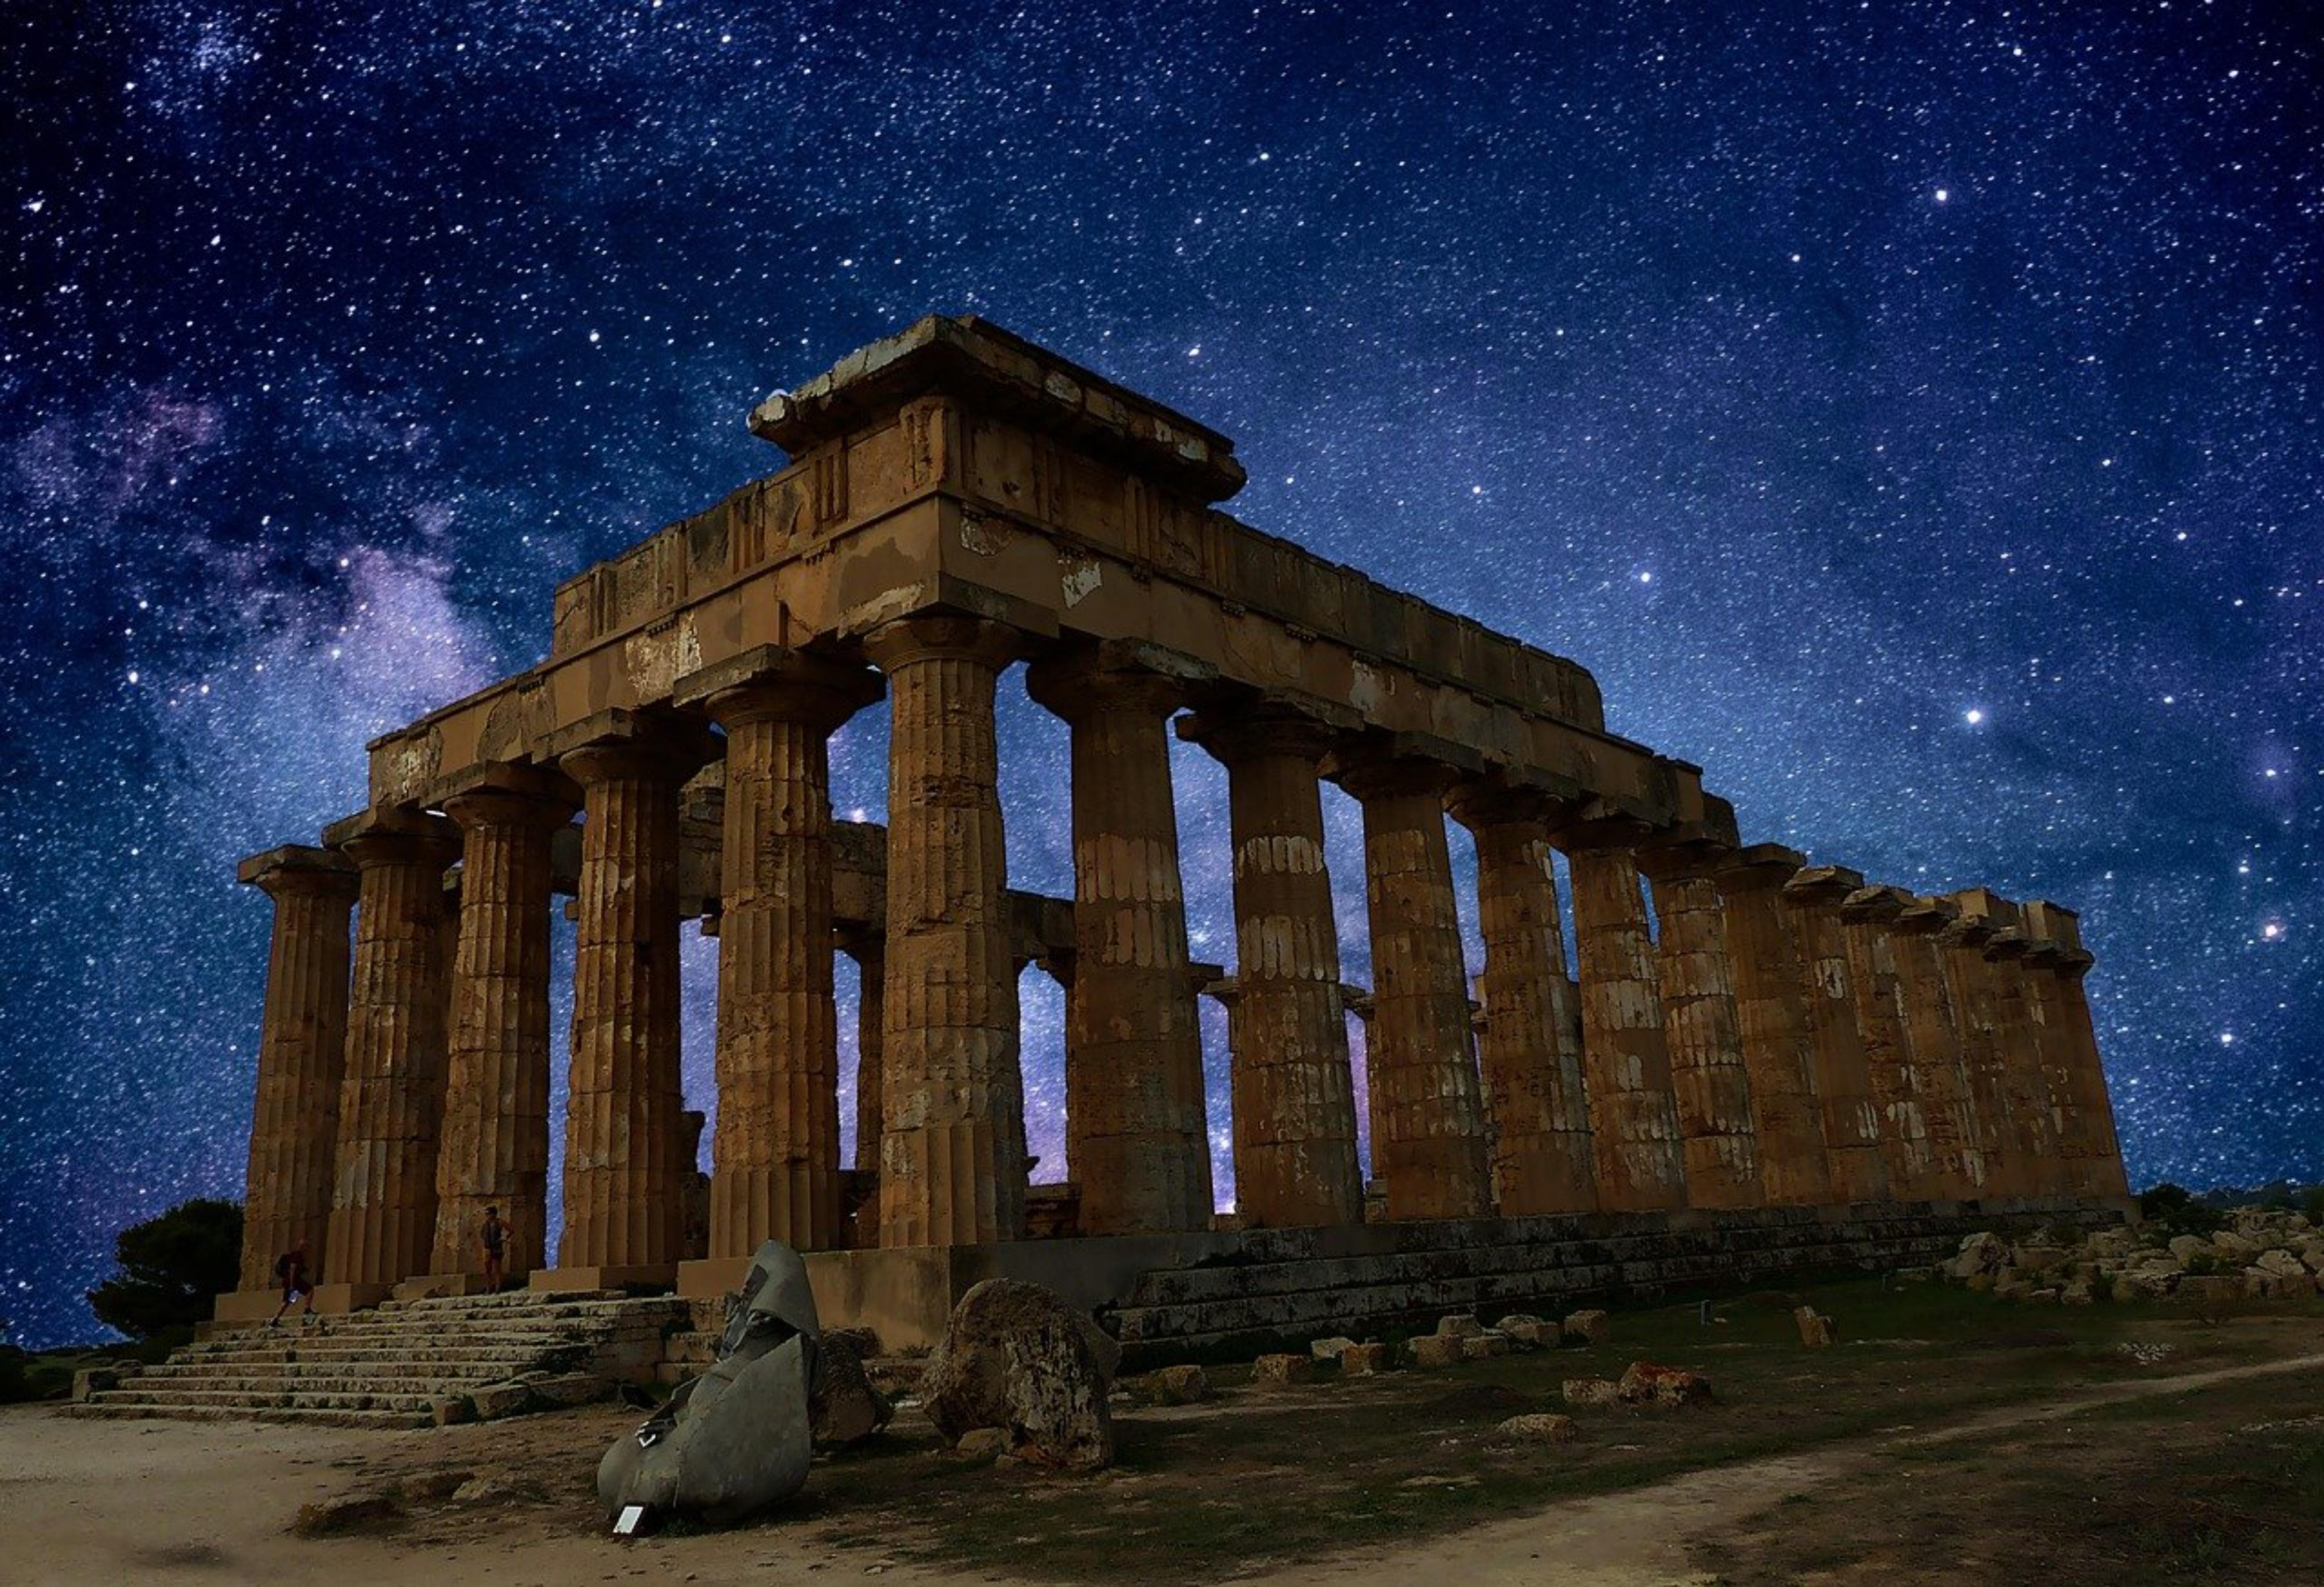 Mostre, scavi, itinerari sommersi e yoga nella prima polis greca in Sicilia: gli appuntamenti estivi del Parco Archeologico di Naxos Taormina